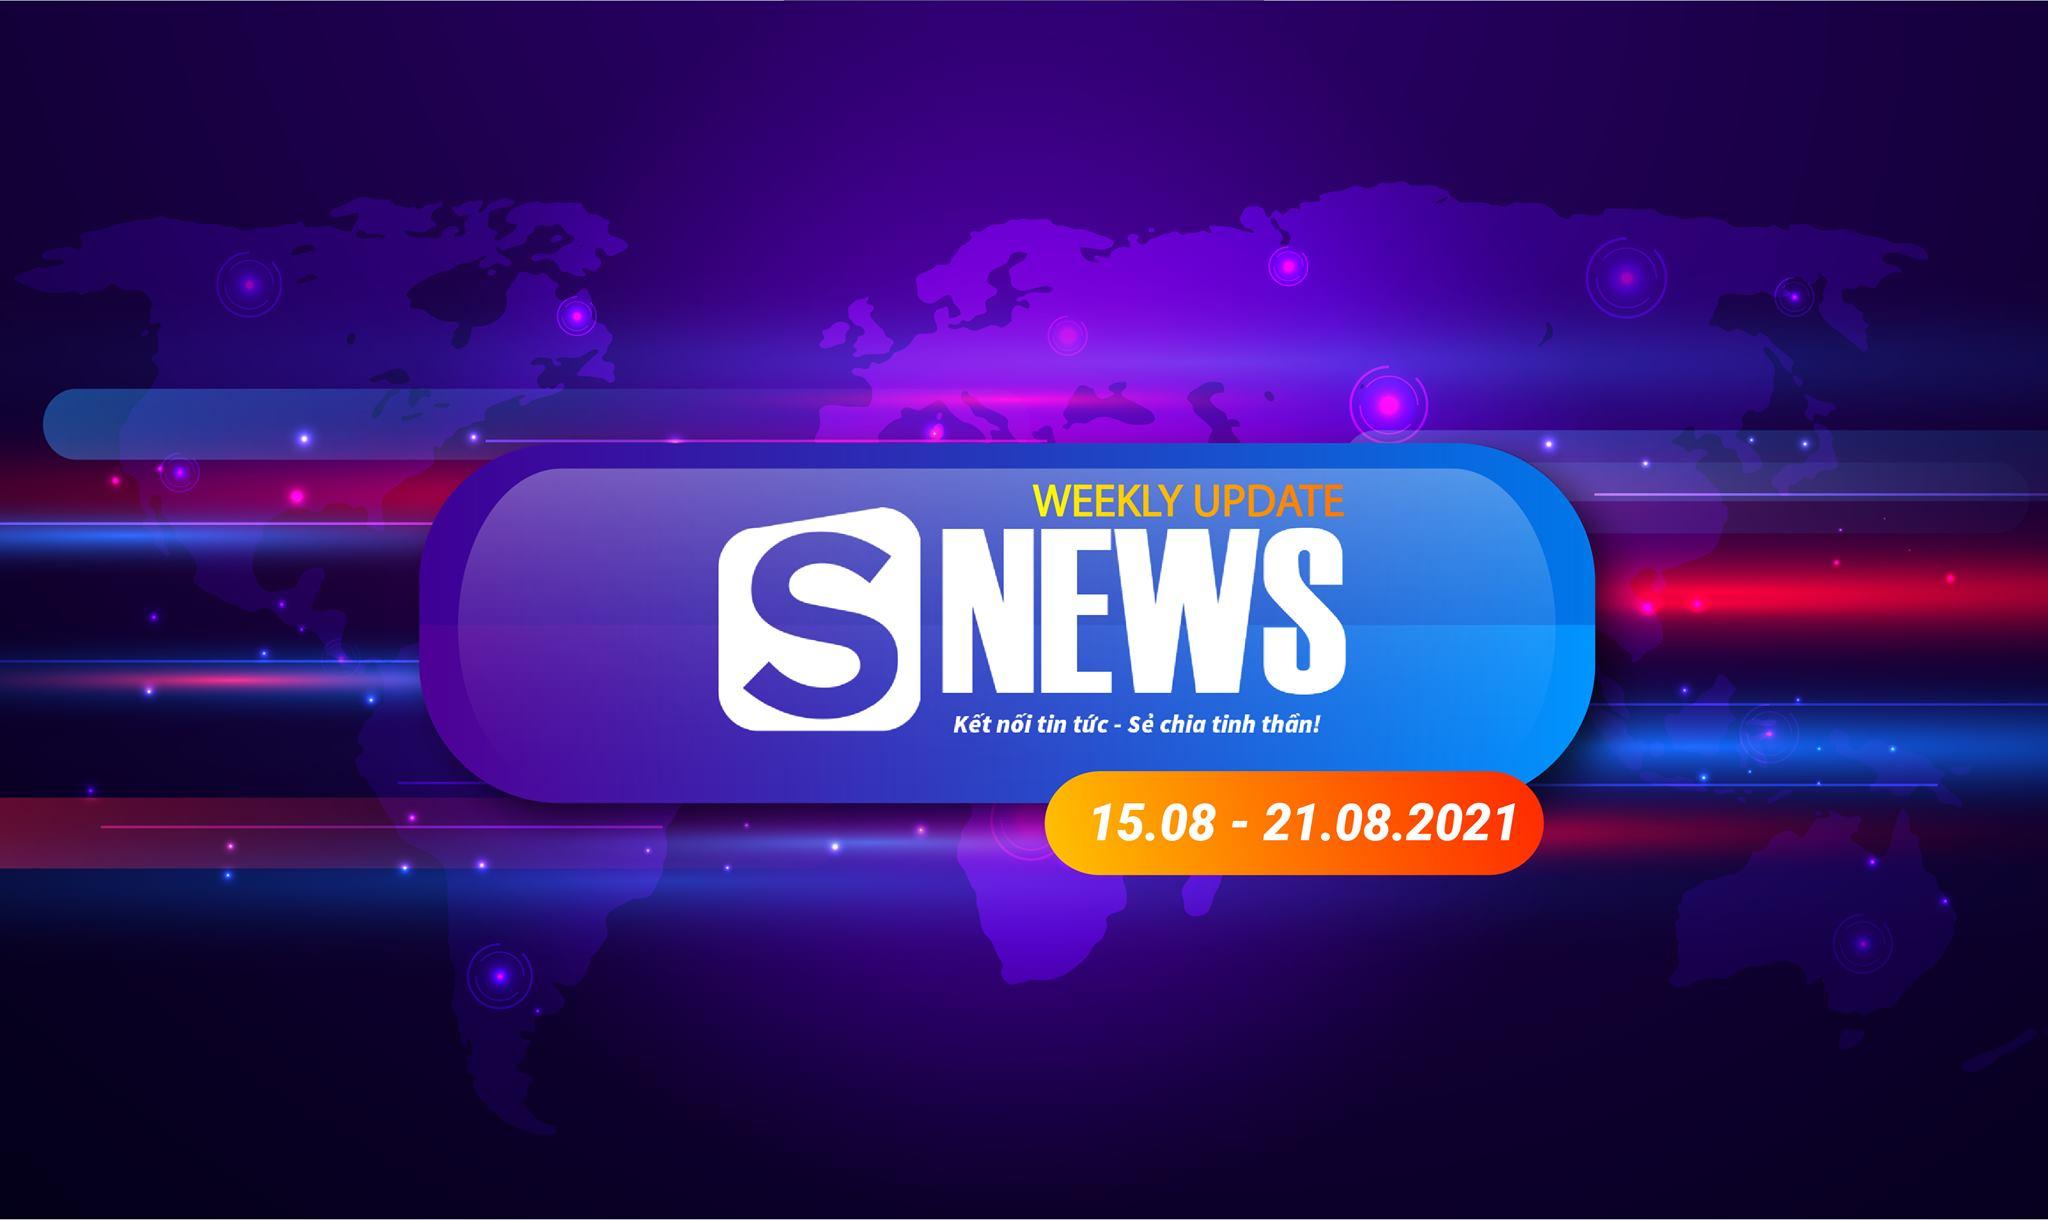 Tổng hợp tin tức Sapo tuần qua: ngày 15.08 - 21.08.2021